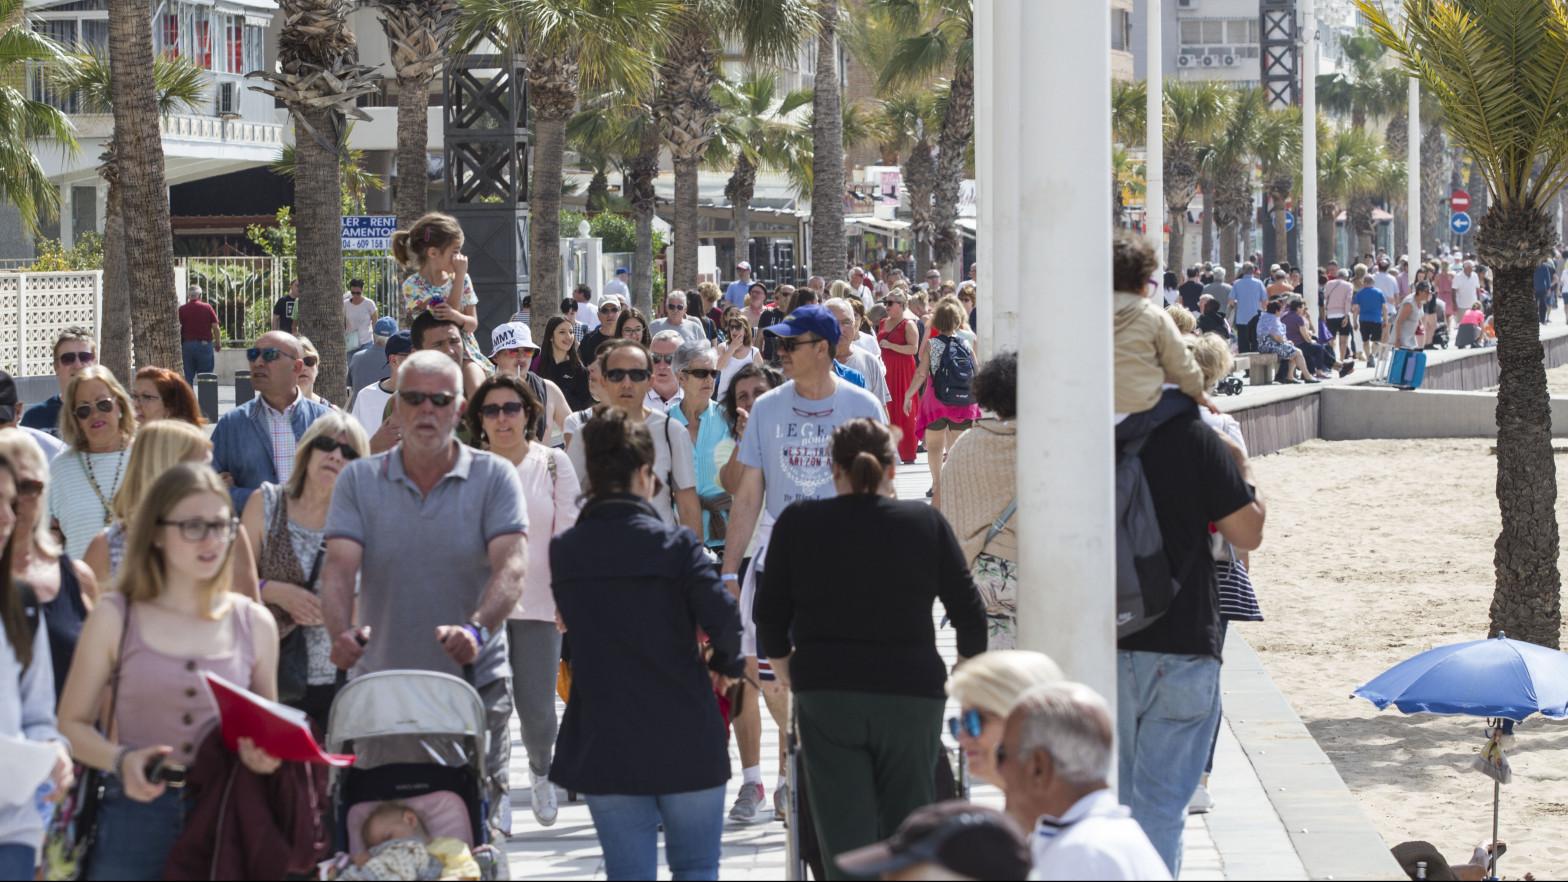 Los municipios turísticos aprovechan la fuga de madrileños para exigir más financiación